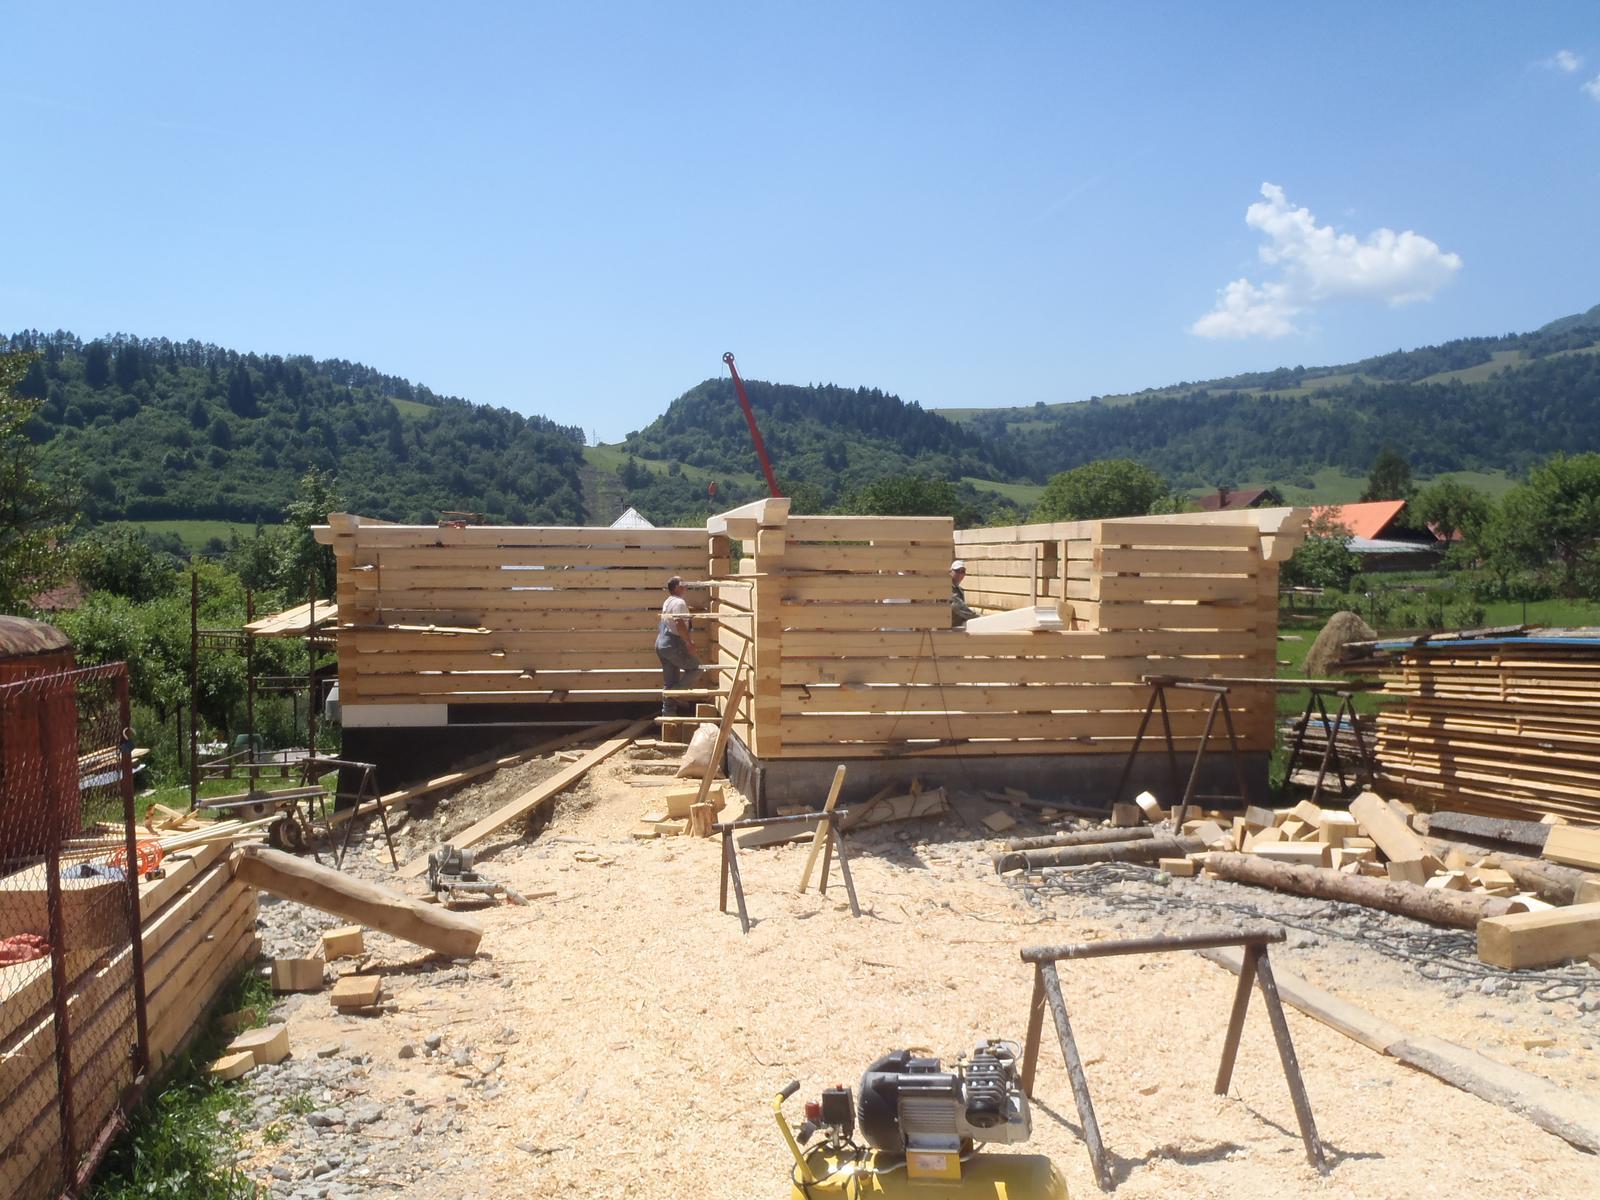 Náš veľký sen o drevenom domčeku! - Obrázok č. 78